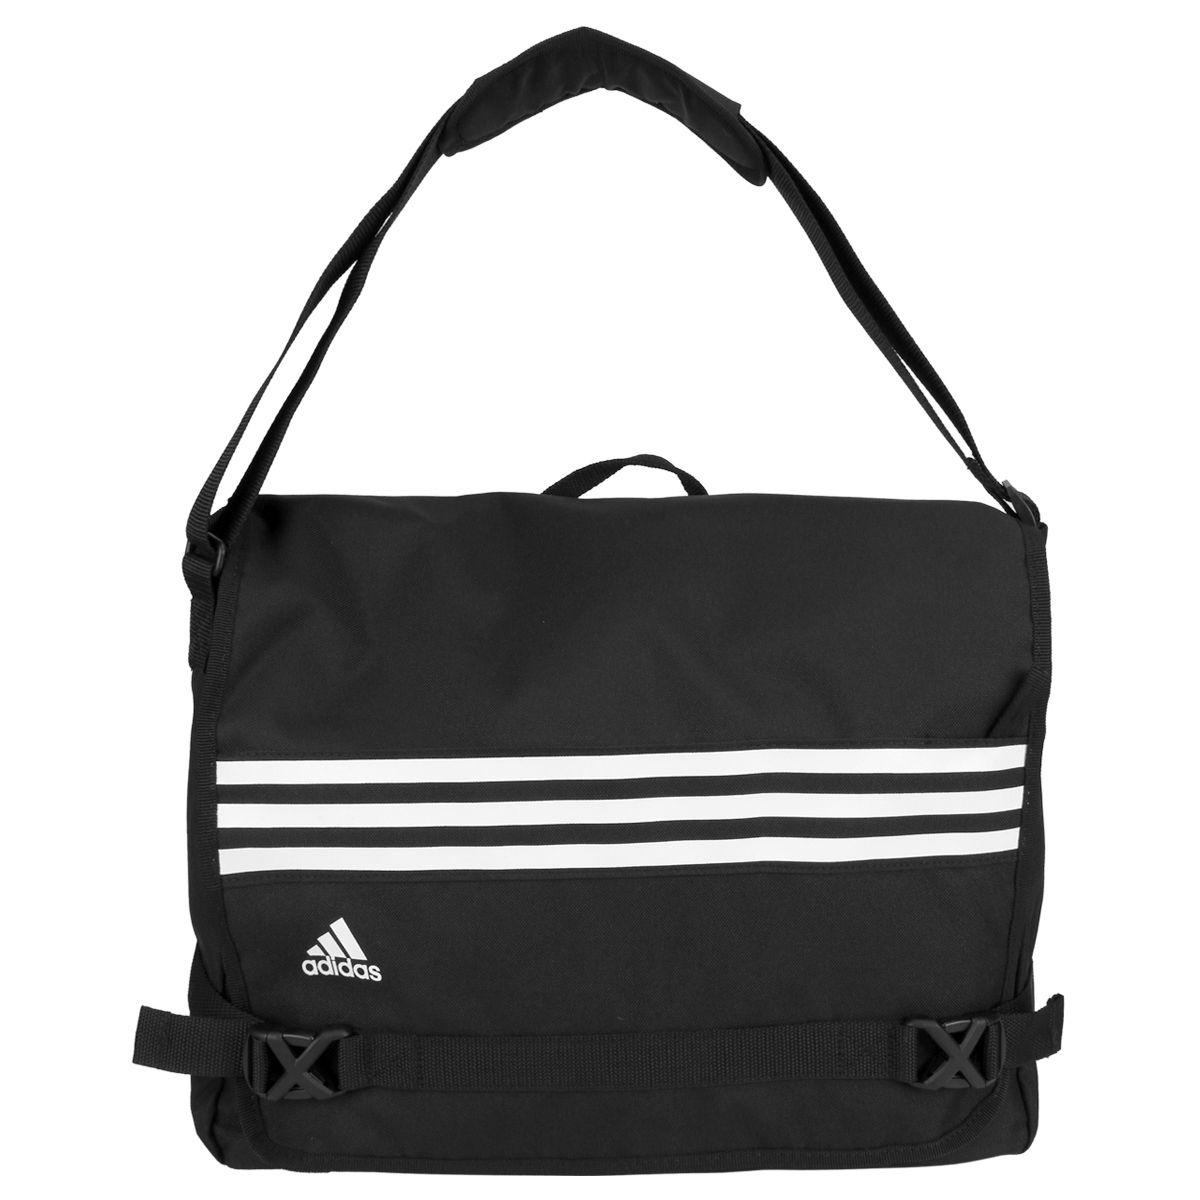 c539a0b17 Bolsa Adidas Messenger 3S Masculina - Preto e Branco | BOLSAS ...